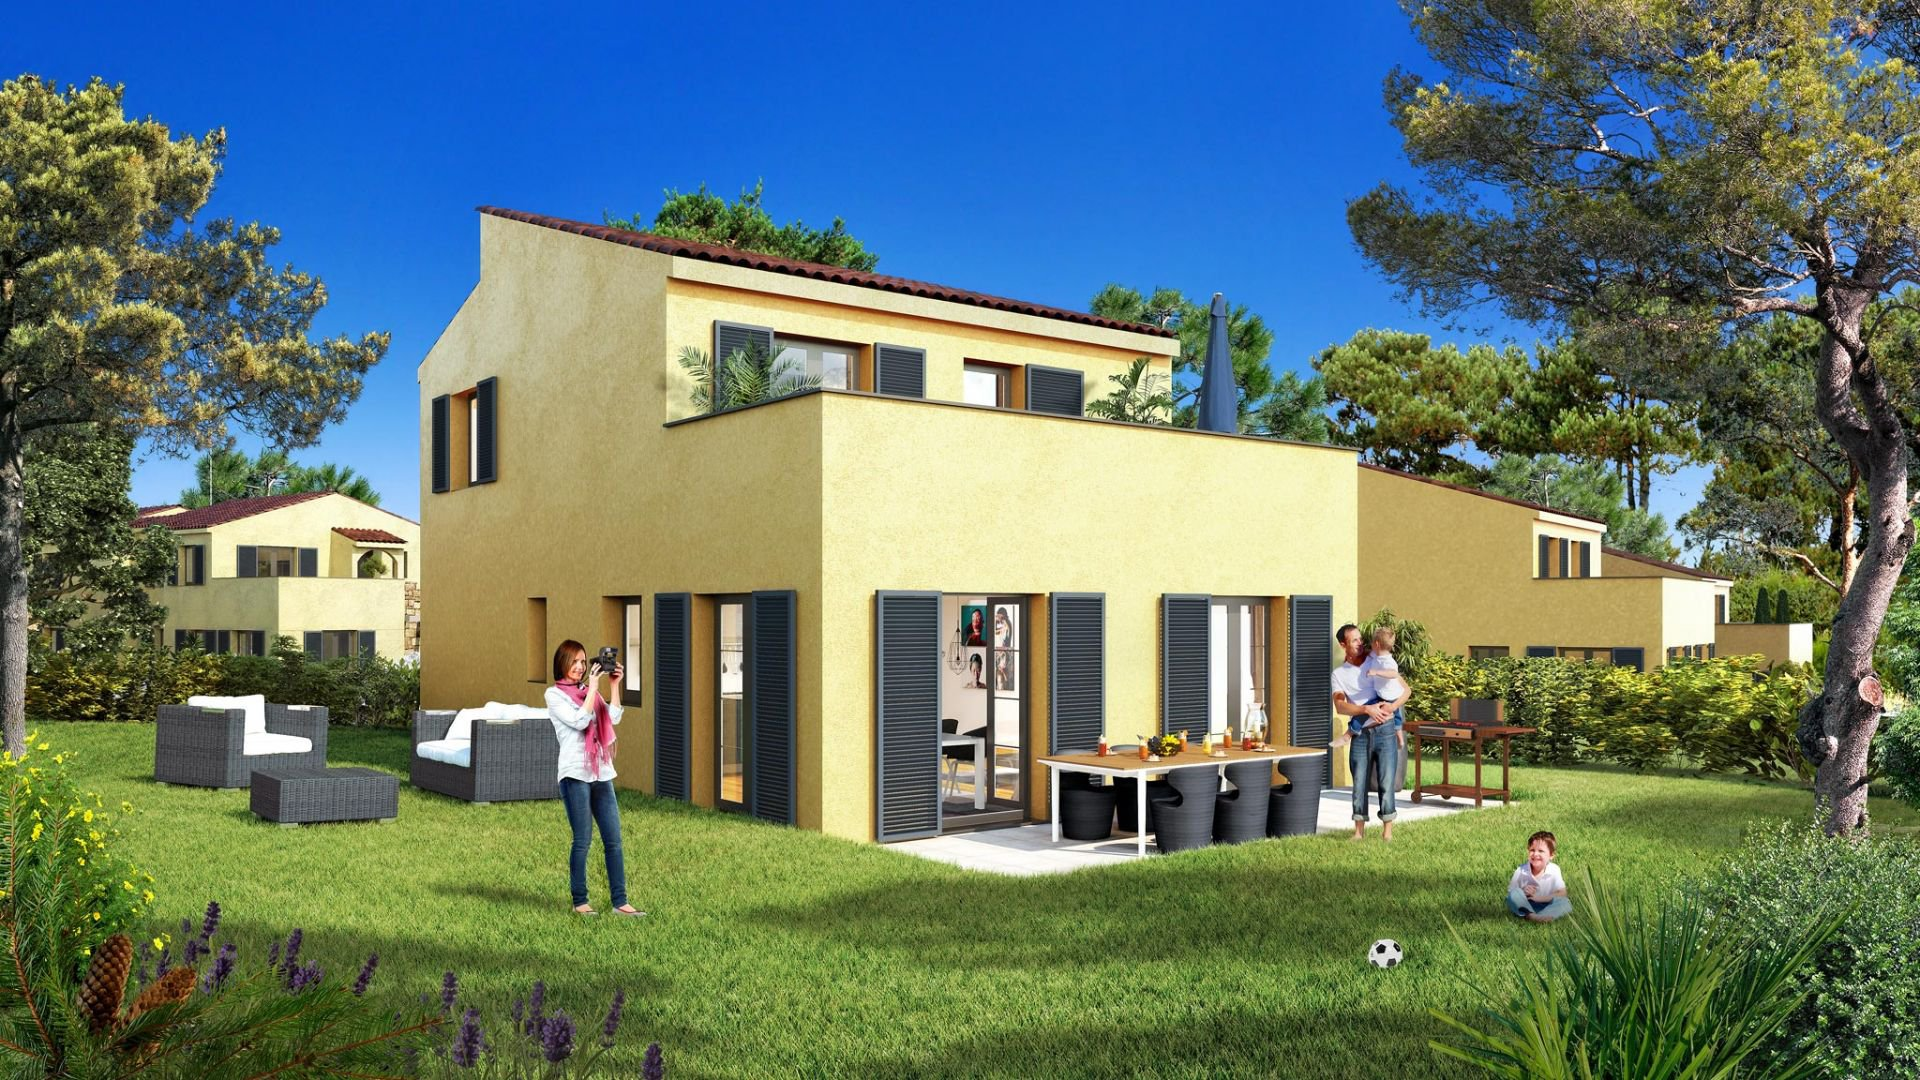 Maison 4 pièces sur plan - Calenzana